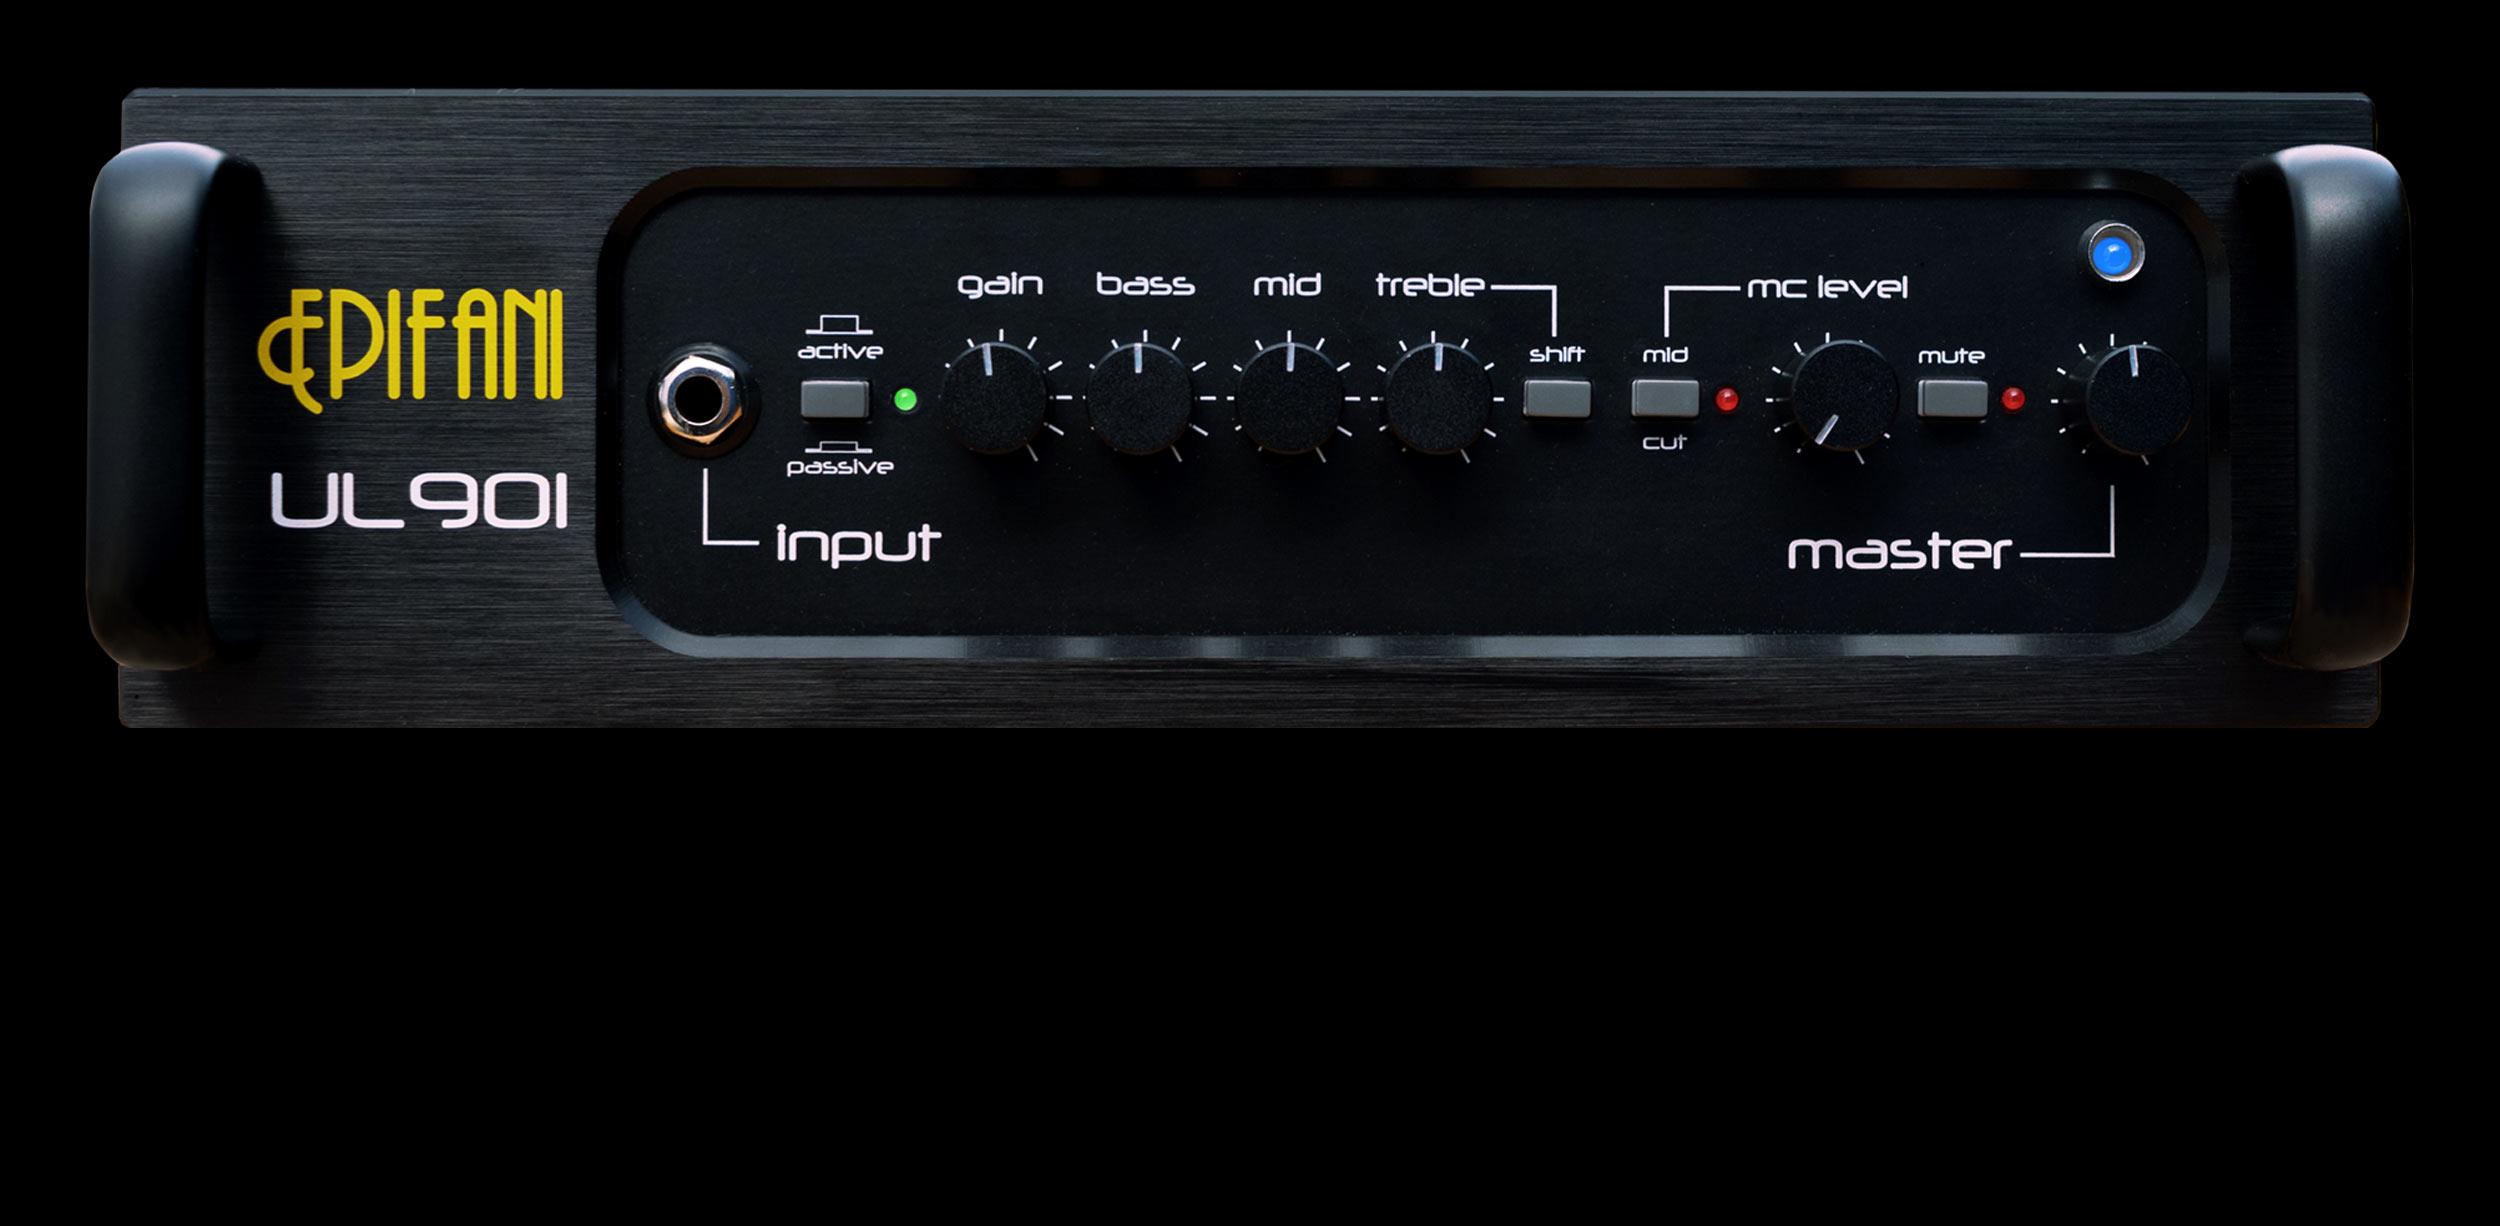 epifani-ul901-bass-amp.jpg